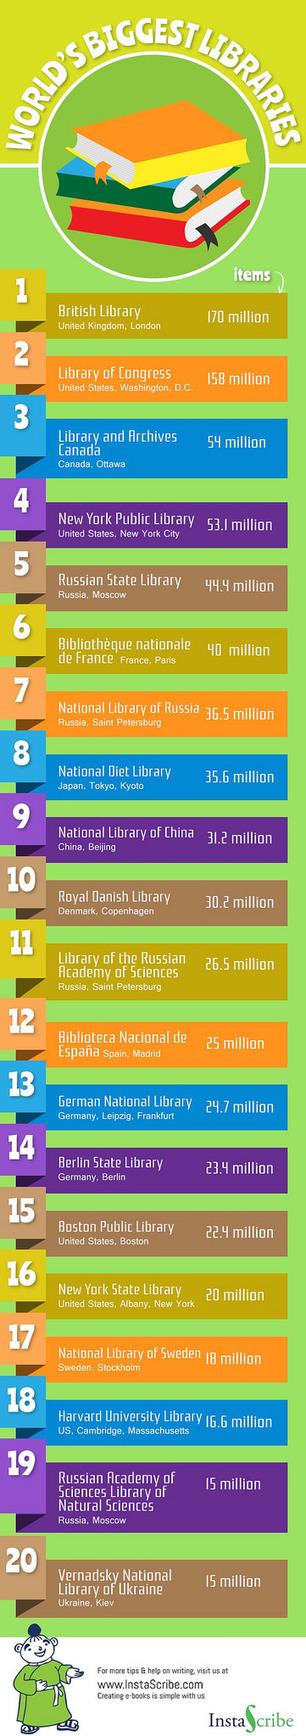 Las 20 bibliotecas más grandes del mundo (infografía) | TIC TAC TEP | Scoop.it